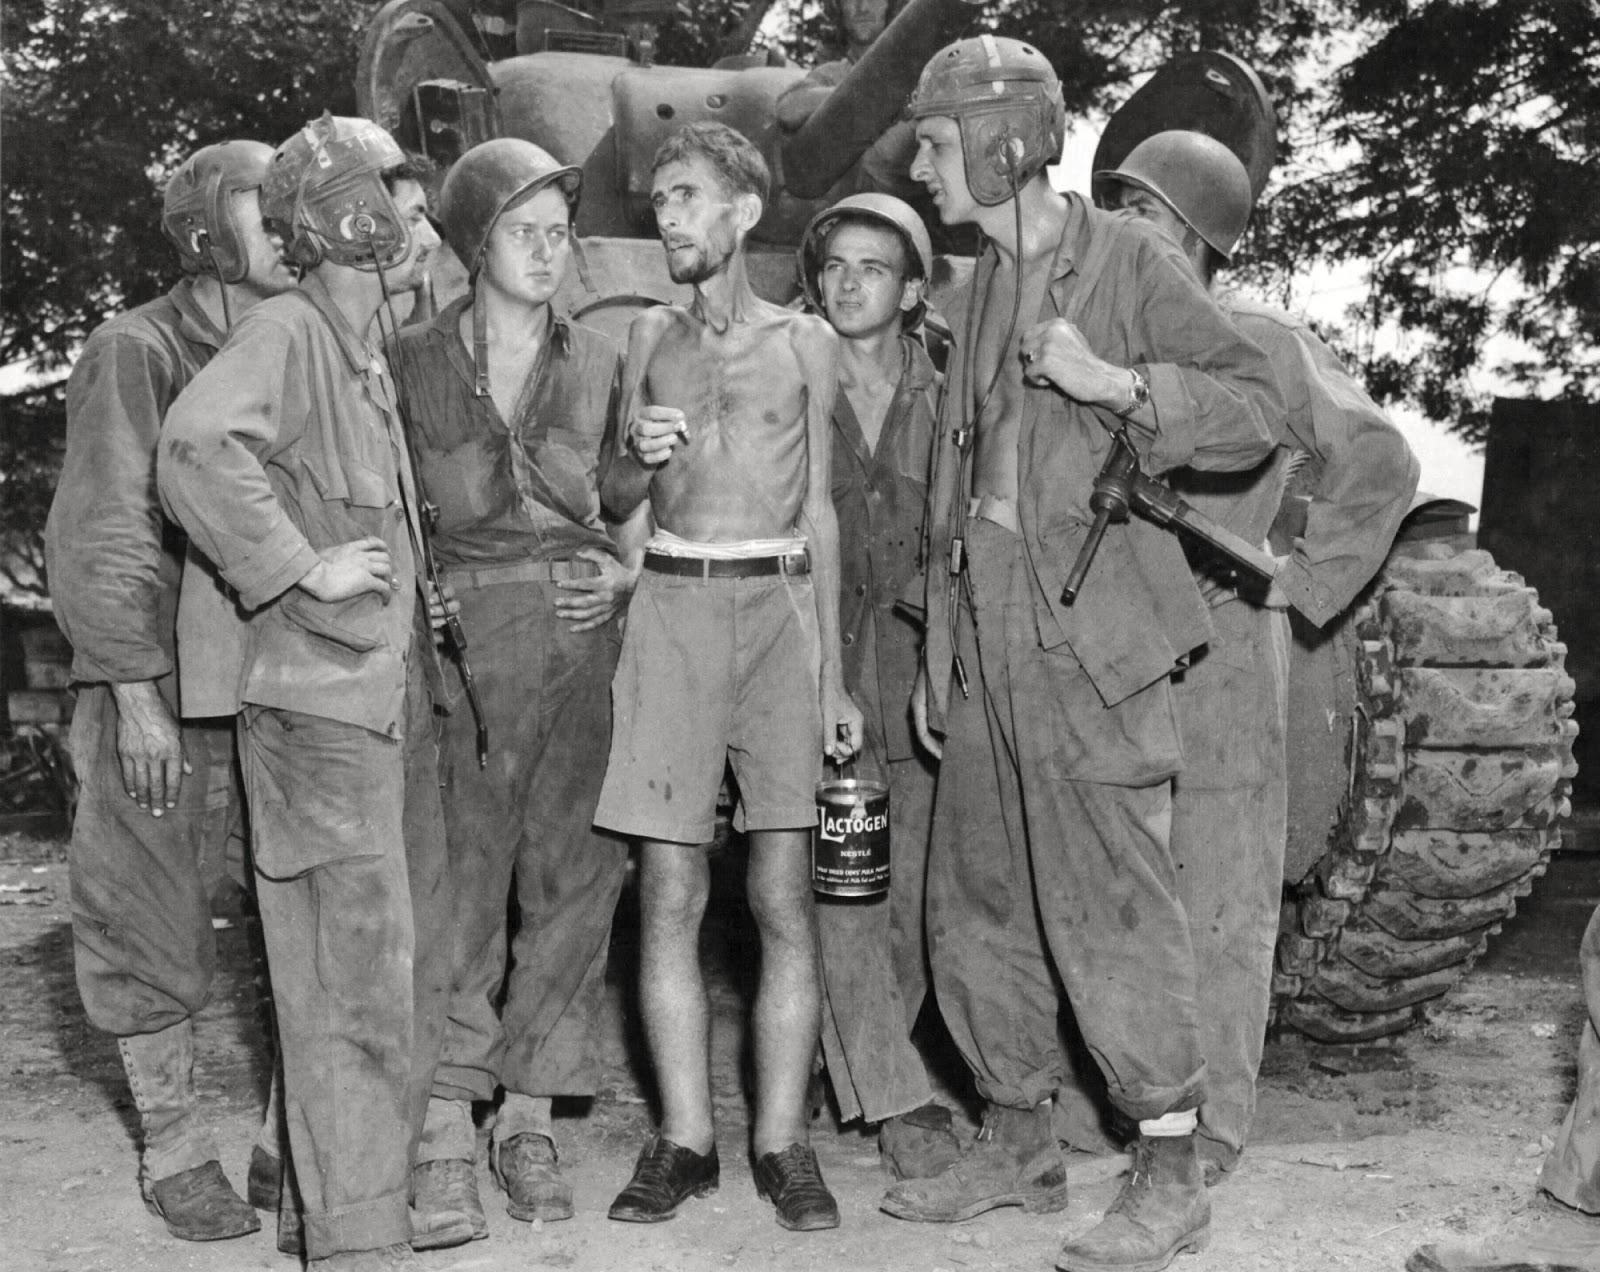 Tripulaciones de tanques estadounidenses escuchan a Bernard Herzog (ciudadano estadounidense) que fue liberado del campamento de Santo Tomás, Manila, Filipinas.